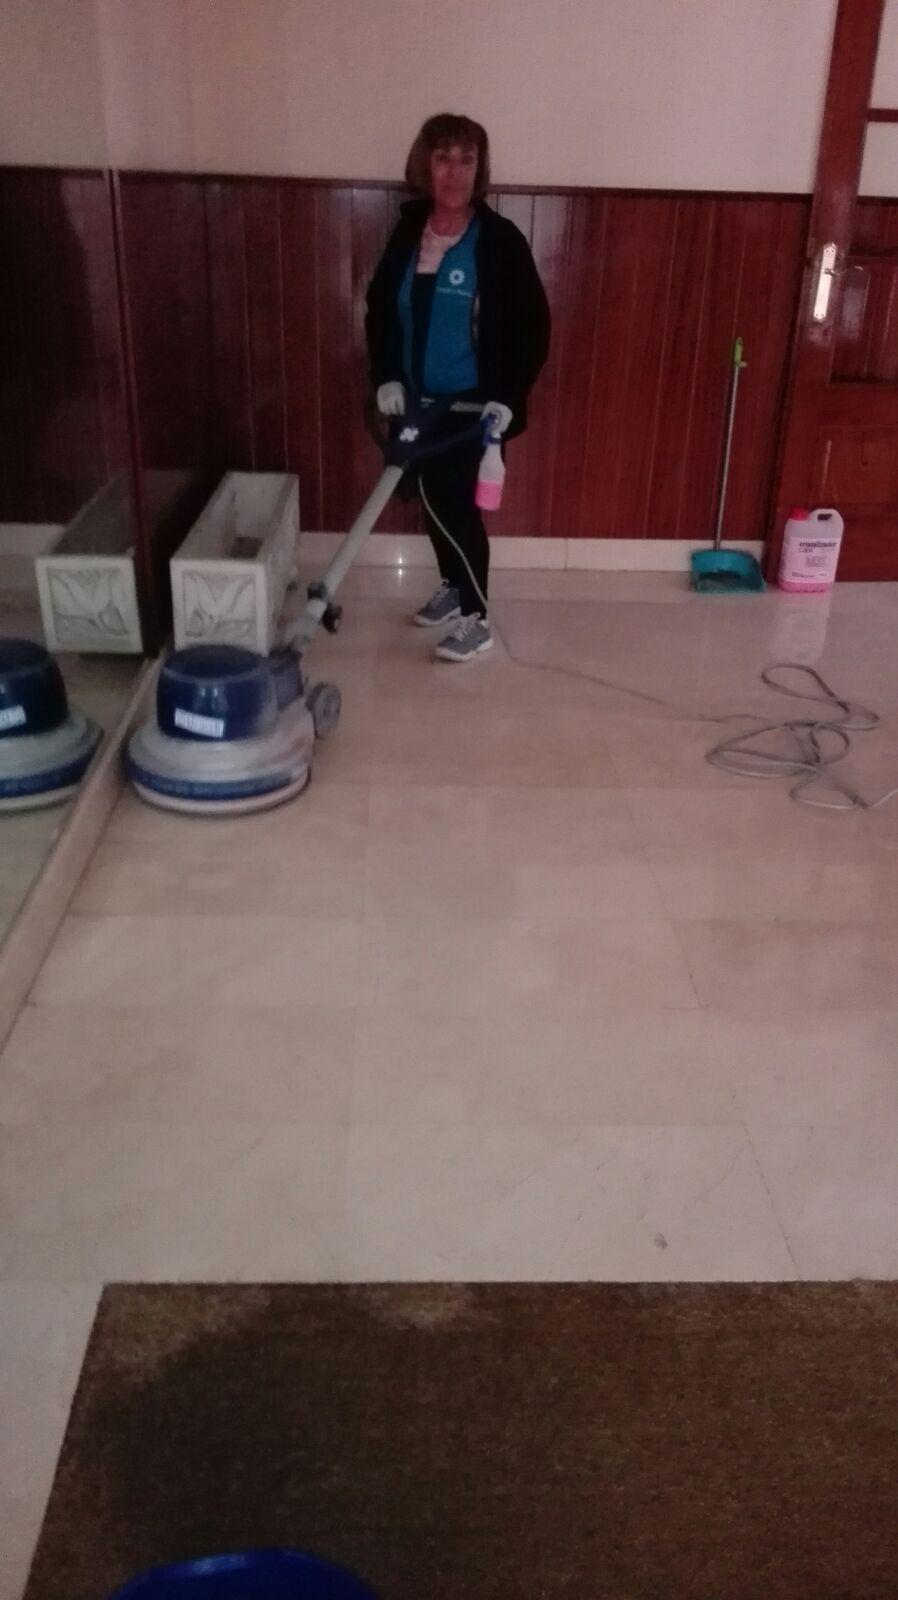 limpieza-de-cocinas-industriales-servicio-de-limpieza-en-vitoria-gasteiz-de-oficinas-suelos-mantenimiento-de-portales-con-precios-baratos-para-empresas